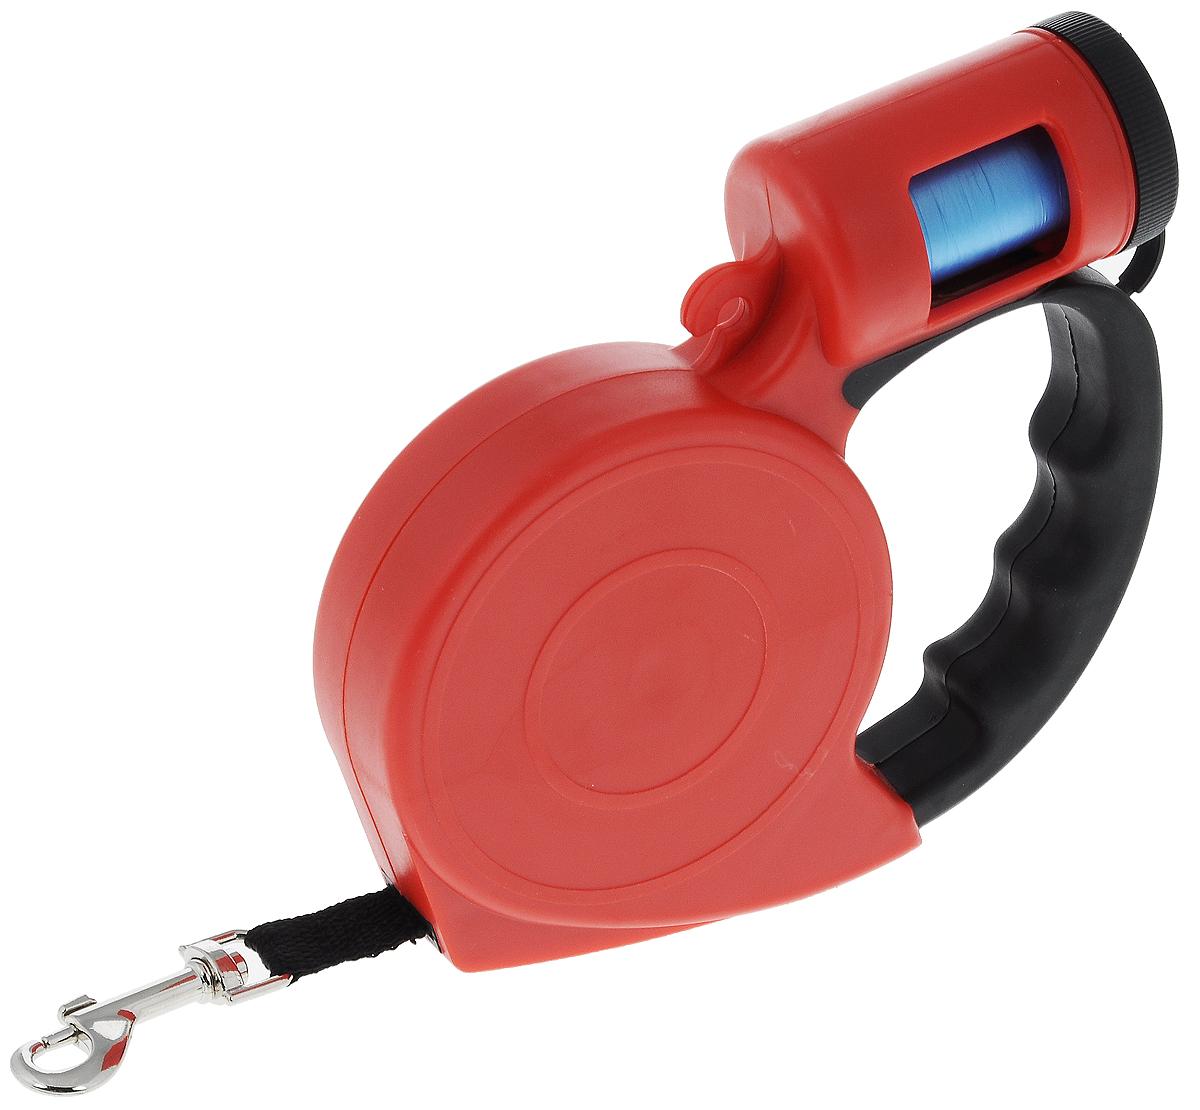 Поводок-рулетка Pet Fun, с диспенсером для гигиенических пакетов, 5 мYL24525Поводок-рулетка Pet Fun, выполненный из пластика, обеспечит безопасность вам и вашемулюбимцу.Благодаря специальному покрытию ручки и надежному замку вы сможете полностьюконтролировать свою собаку на прогулке.Теперь вам не придется за ней бегать. Вы можетепросто ослабить фиксатор, и лента будет вытягиваться по всей длине поводка и автоматическиприспосабливаться к движениям вашей собаки до того момента, пока вы не нажмете на кнопкублокировки. Изделие оснащено диспансером для гигиенических пакетов. В комплект входит 1 рулон с 20 гигиеническими пакетами, изготовленными из полиэтилена.Они предназначены для уборки за собакой в общественных местах (подъезд, двор, газон,общественный транспорт). Длина поводка: 5 м.